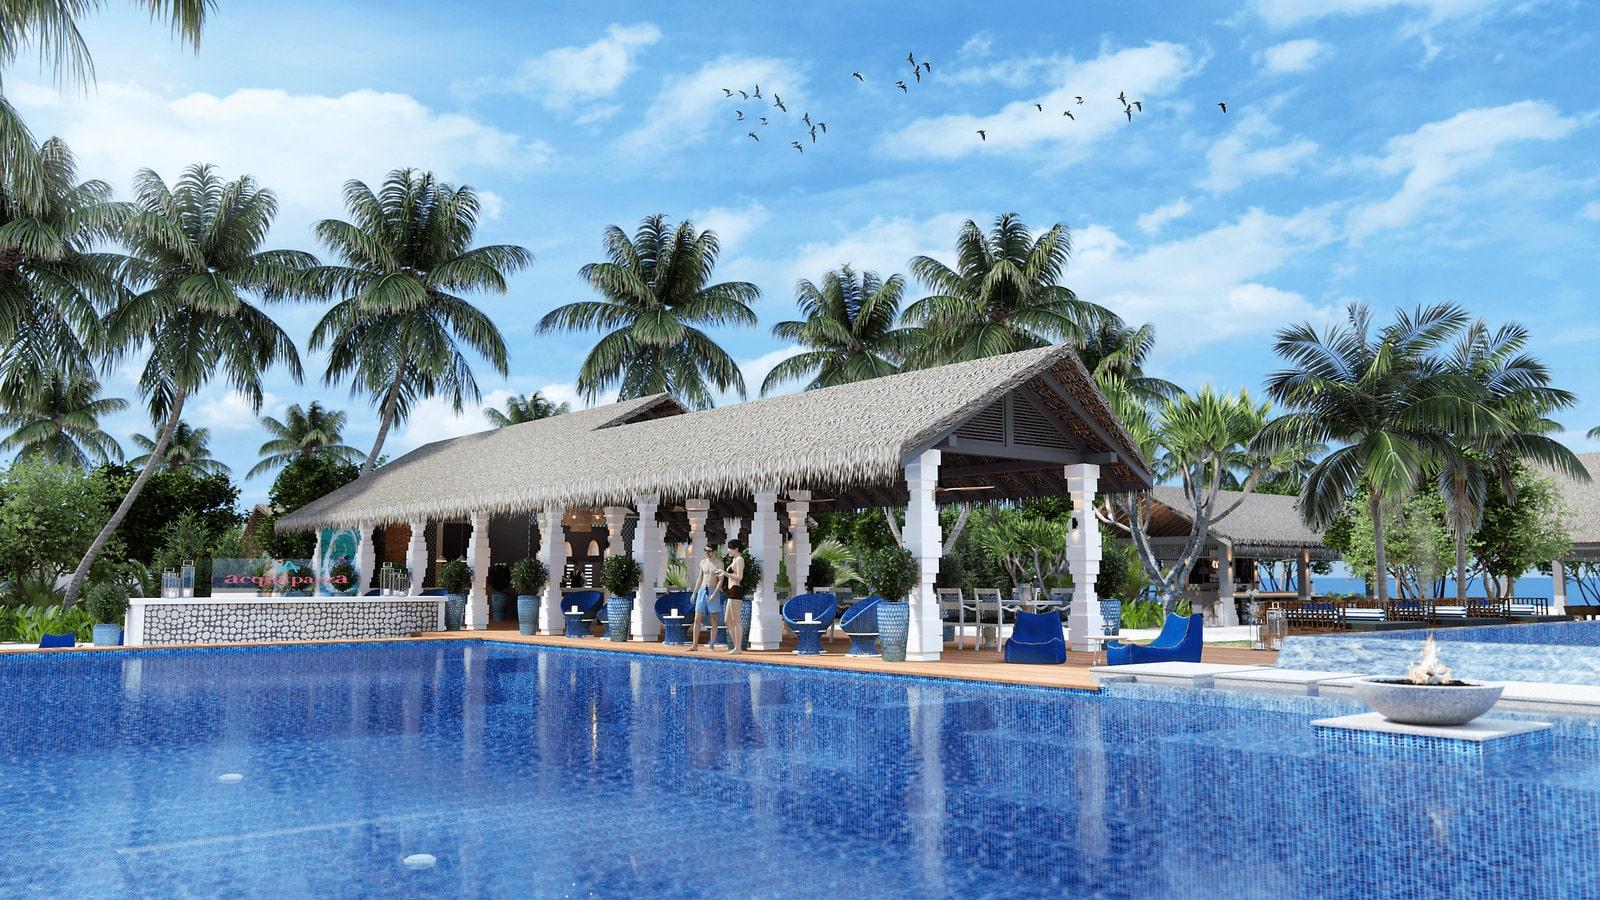 Мальдивы, отель Cora Cora Maldives, ресторан Acquapazza